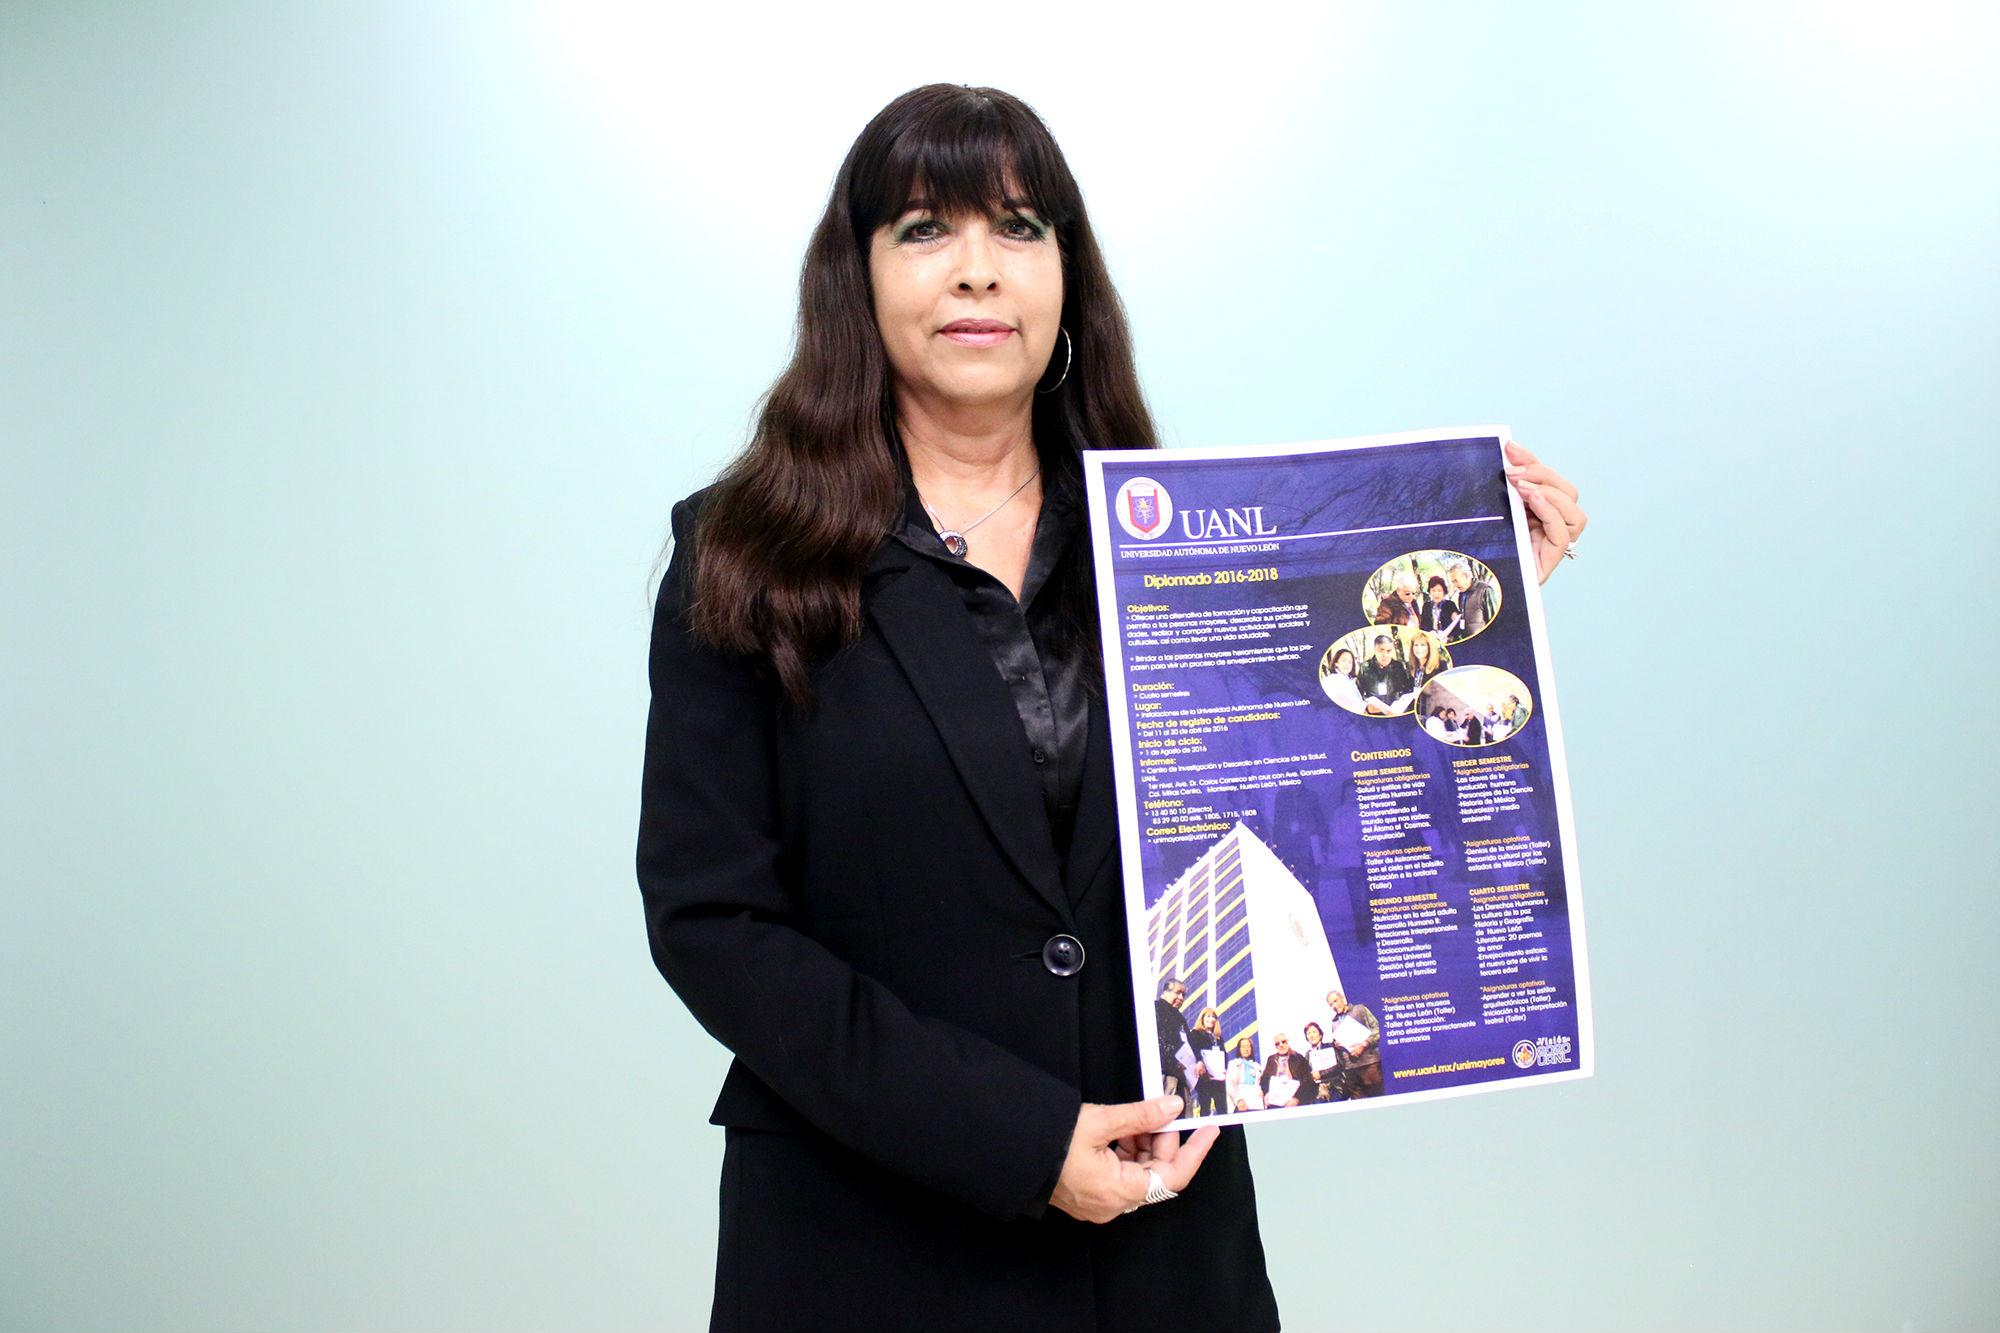 Mtra. Luz Amparo Silva Morín, coordinadora de Inclusión y Equidad Educativa Universitaria